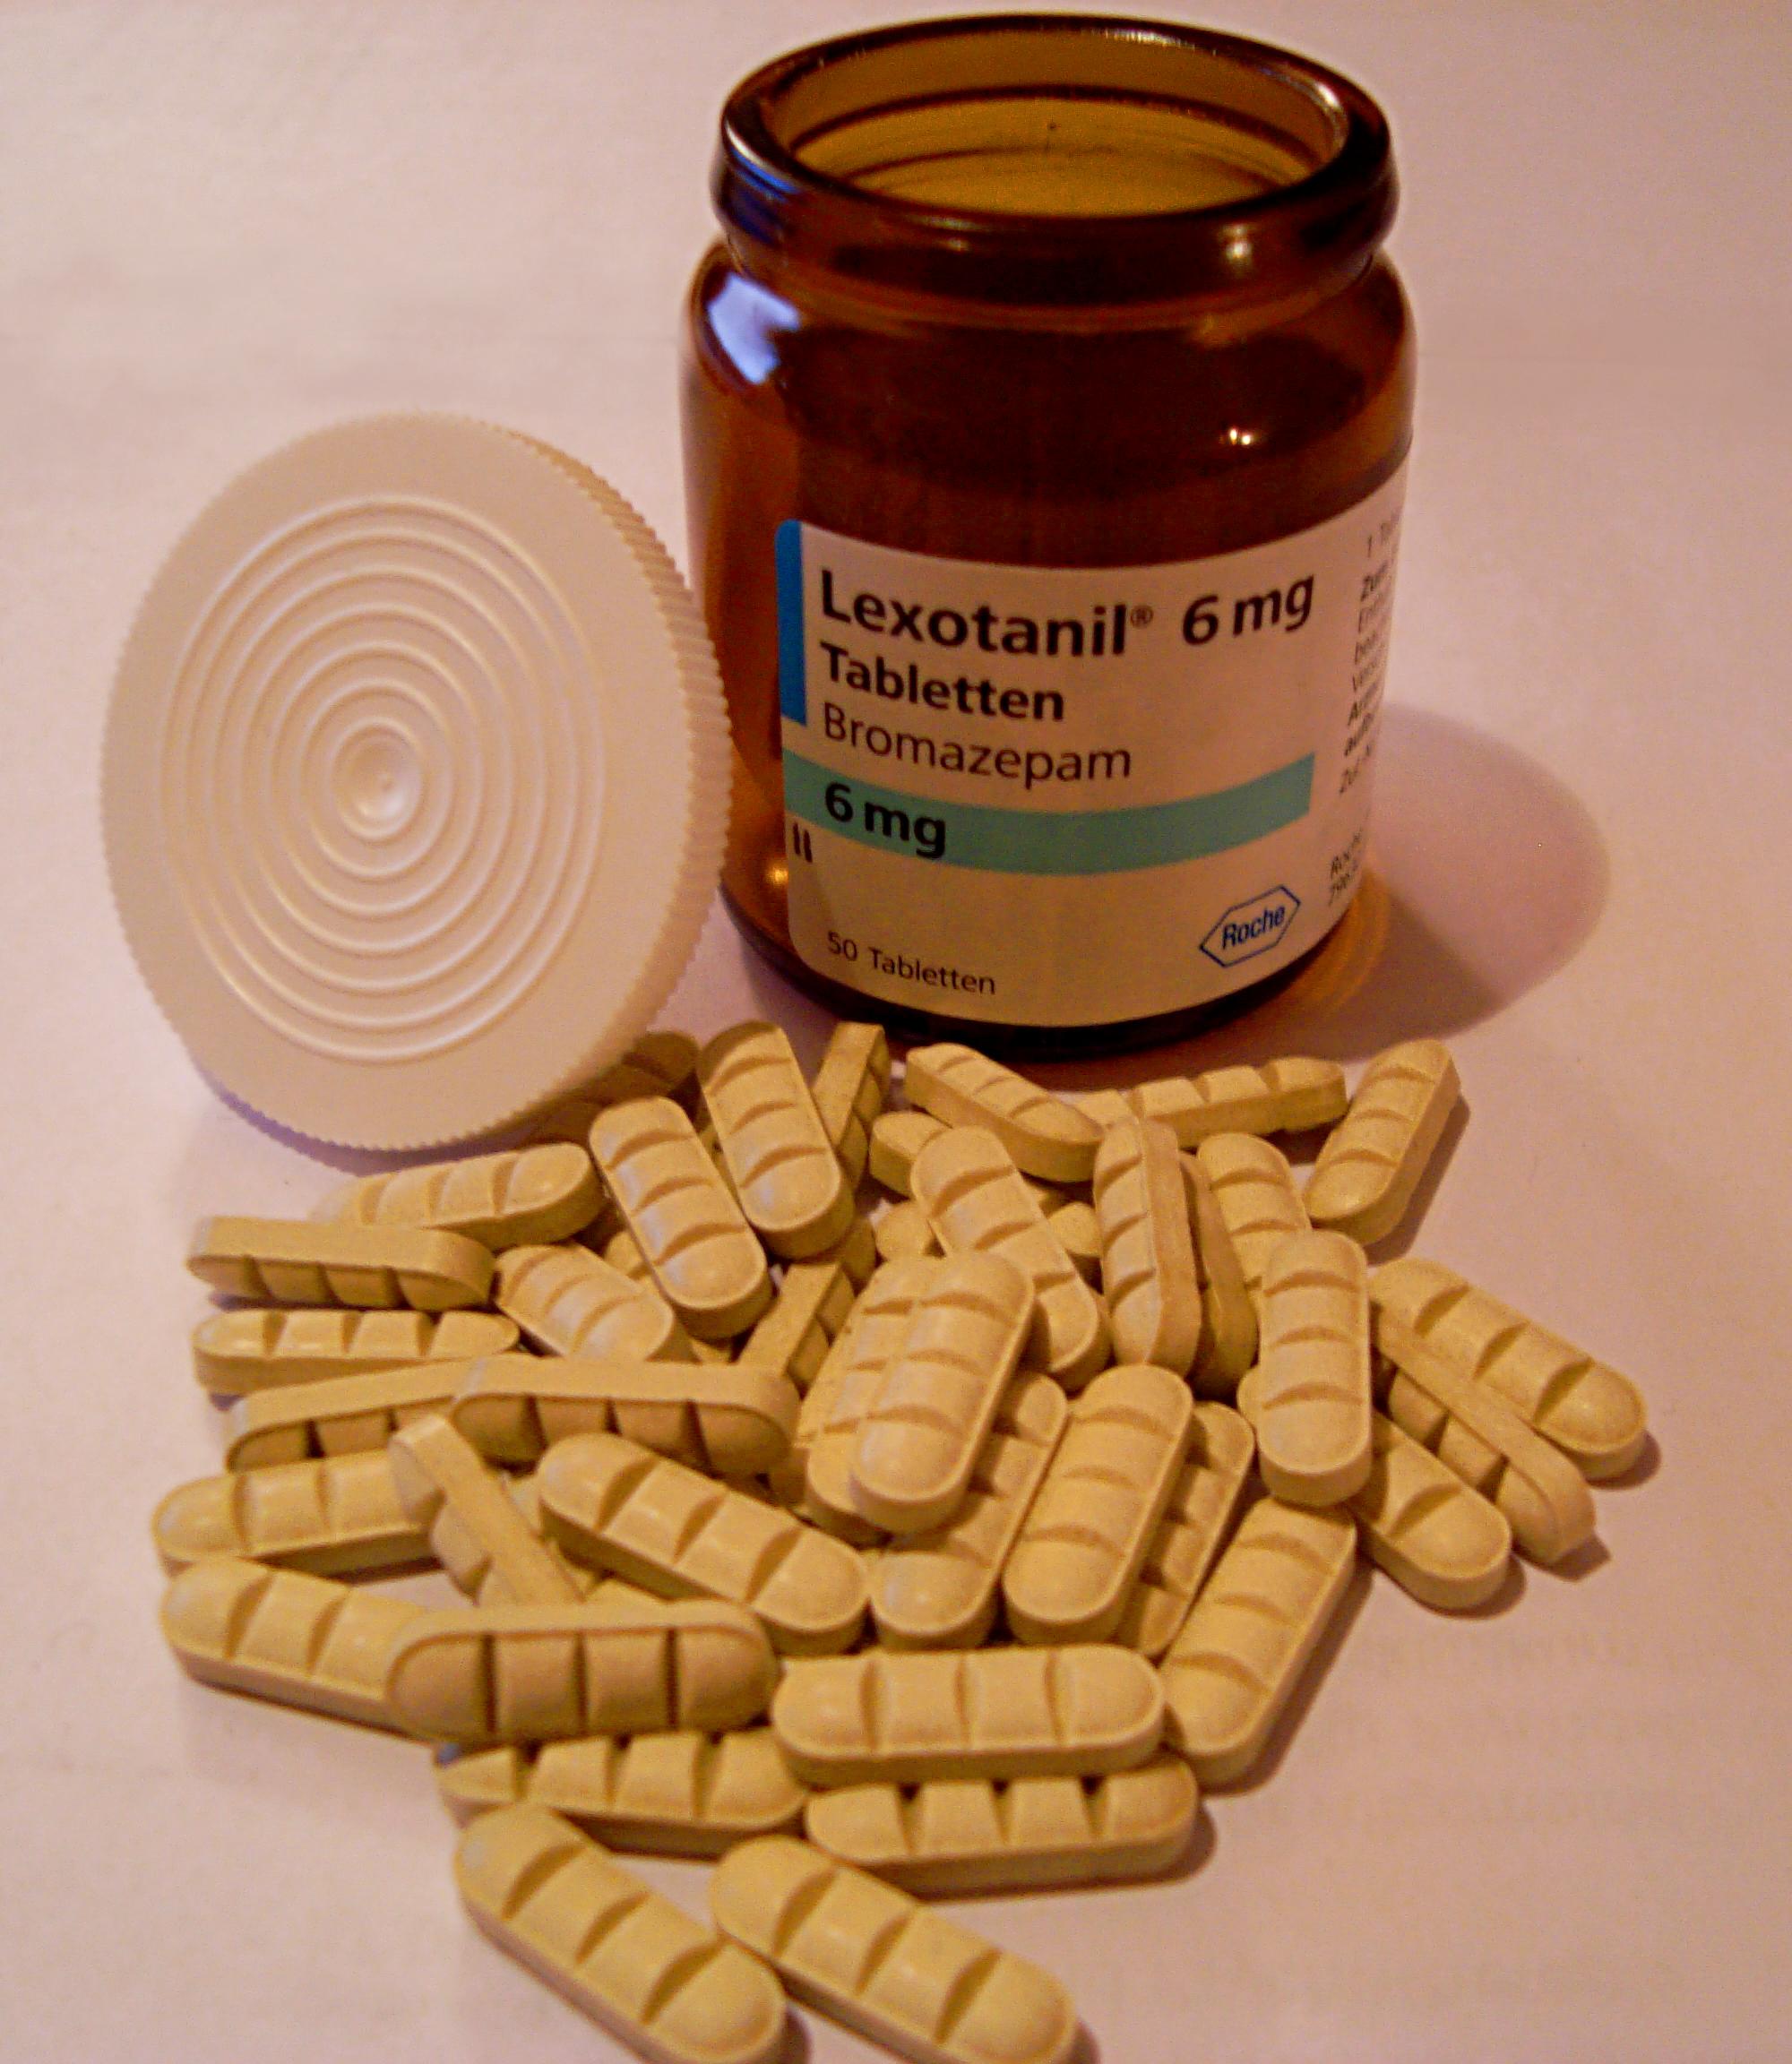 барбовал инструкция таблетки